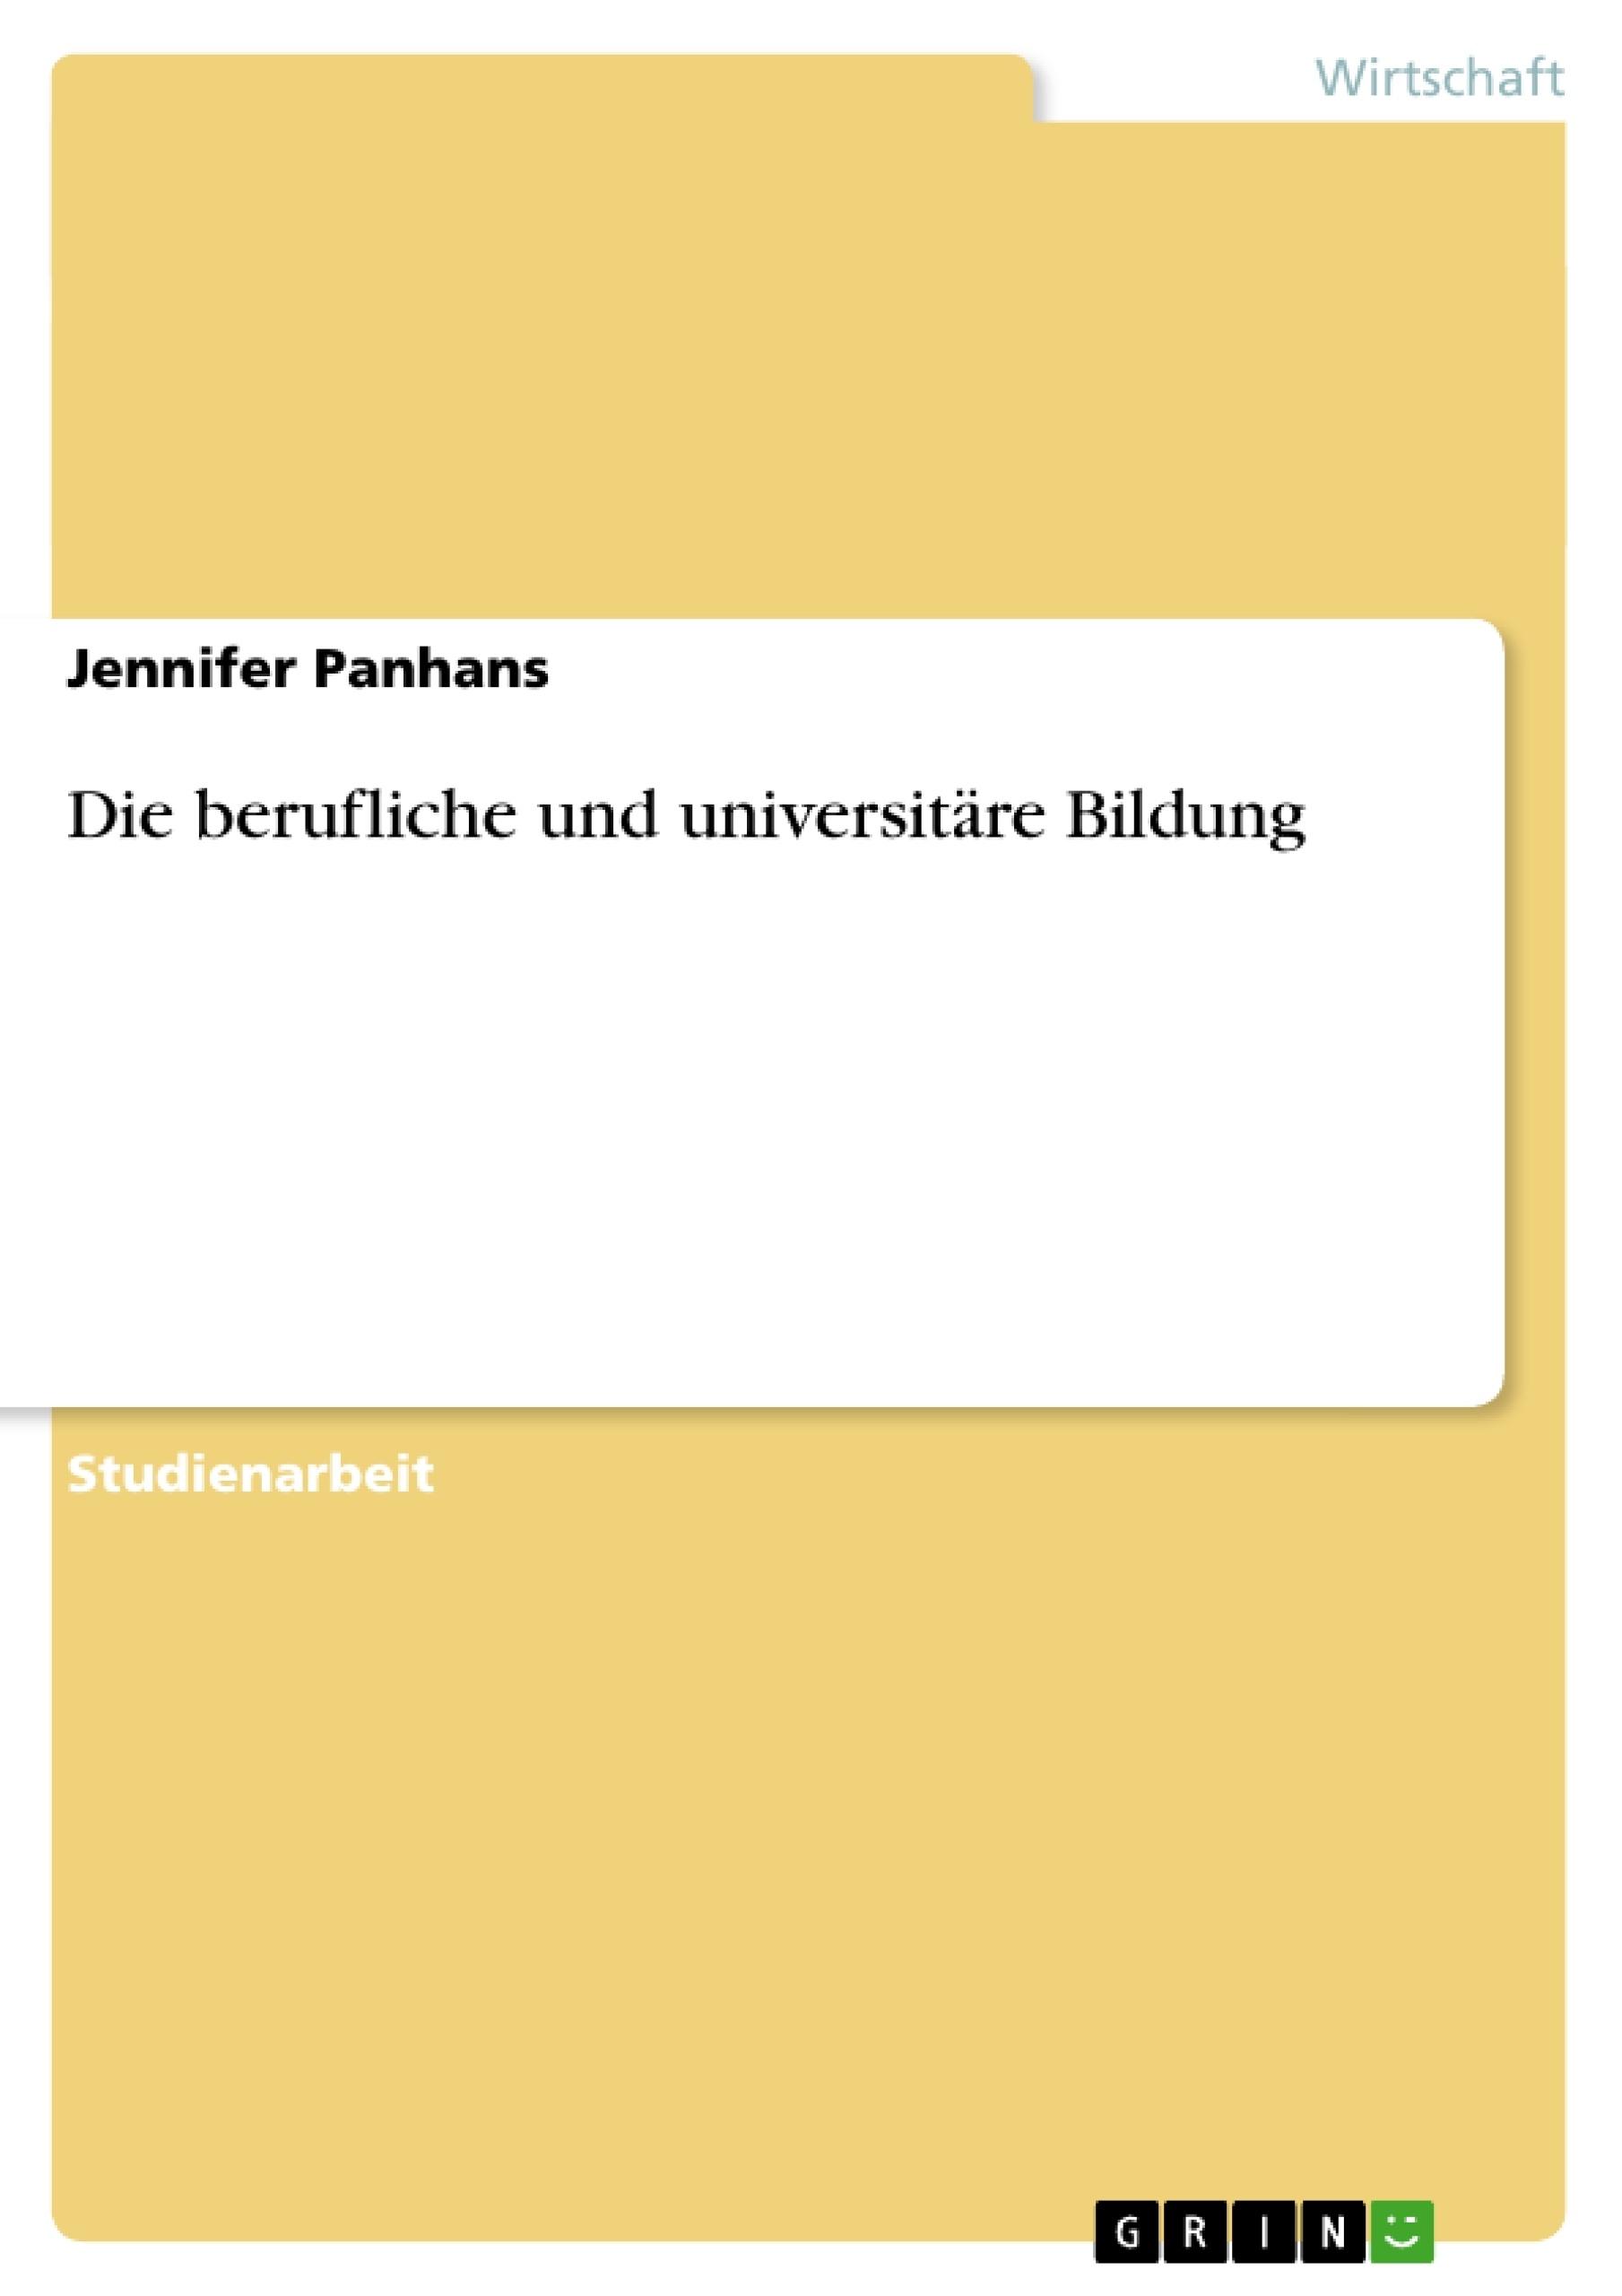 Titel: Die berufliche und universitäre Bildung